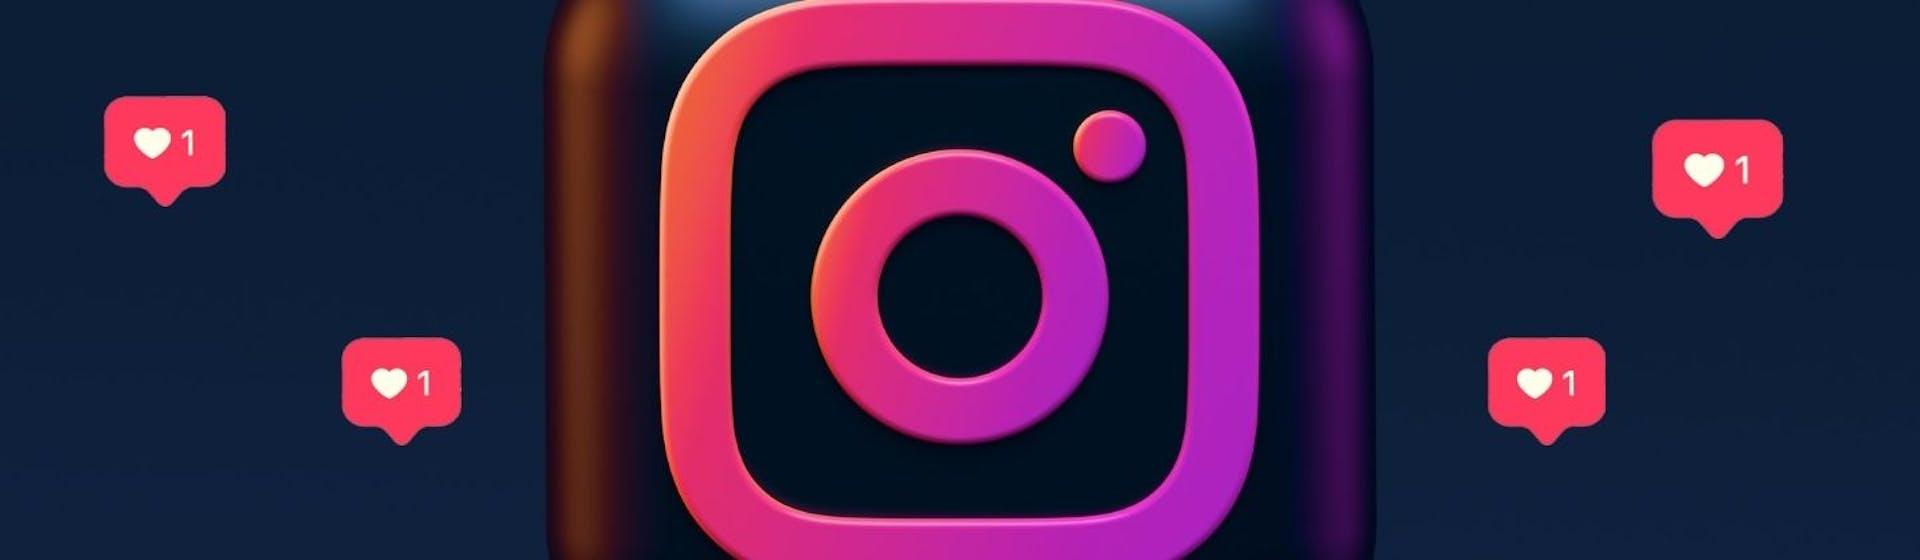 La nueva versión de Instagram ocultaría los likes